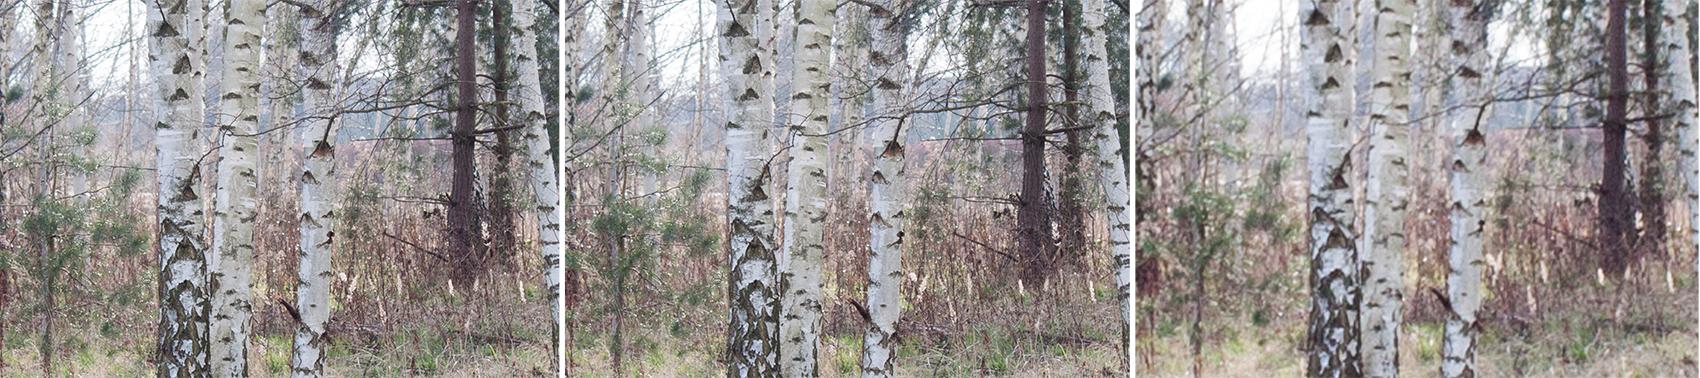 Fotografie Tipps die dich verblüffen werden - Birken unterschiedliche Brennweiten gleicher Bildwinkel